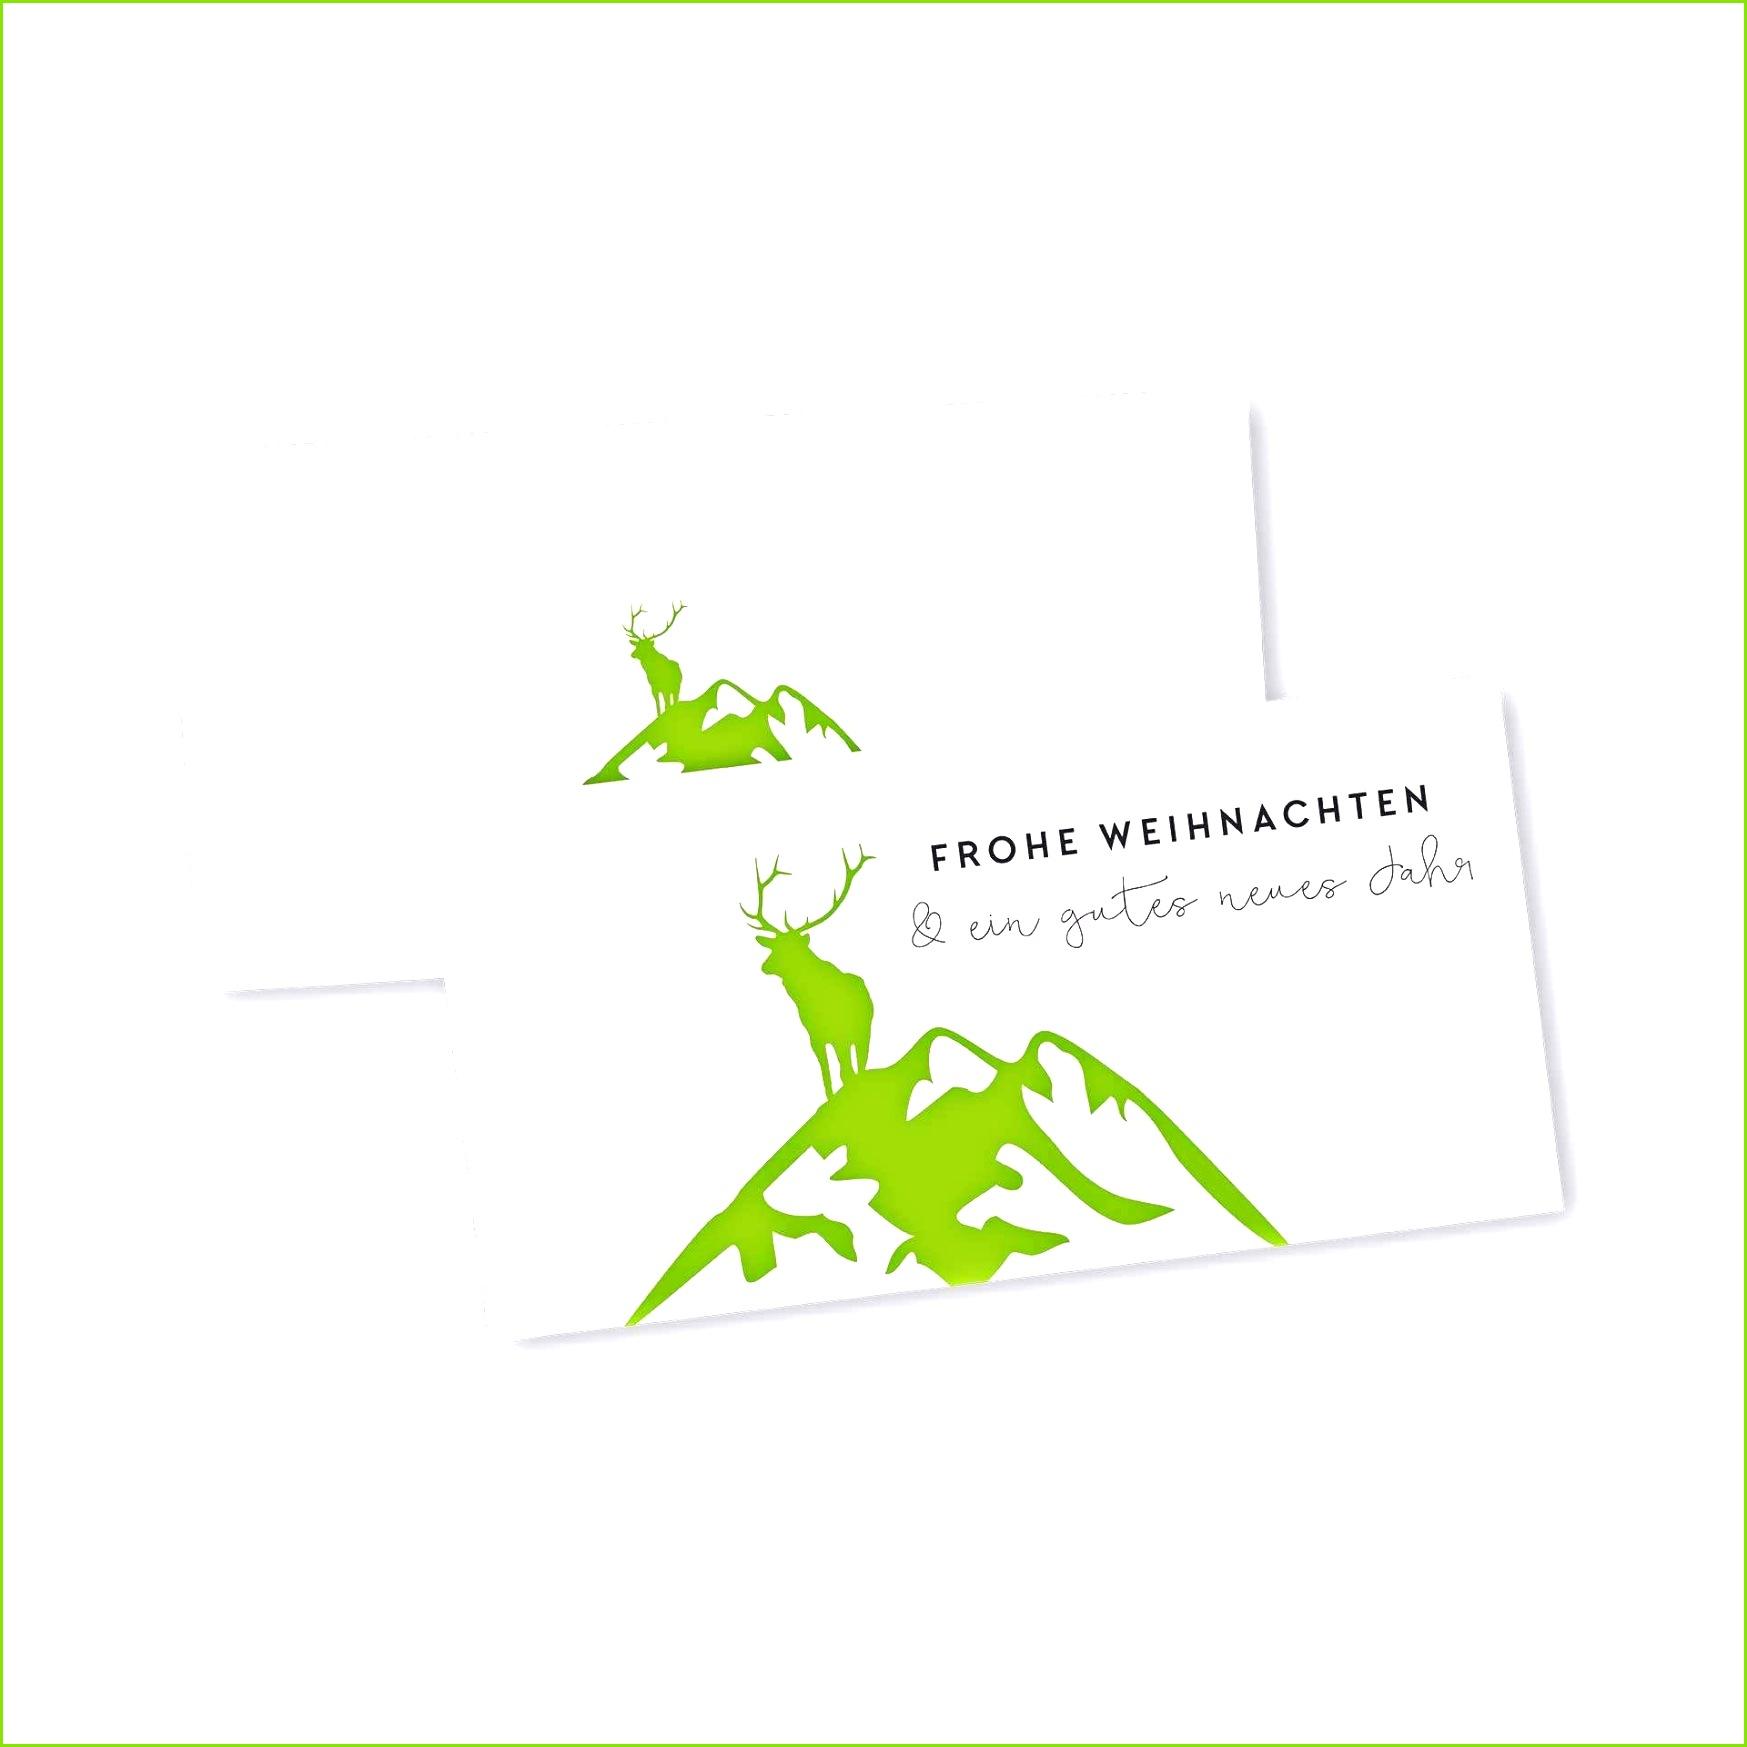 Weihnachtskarten Business Best Weihnachtskarte Klappkarte Im Design Wild In Den Bergen Version 1 weihnachtskarten business 0D Archives Grußkarte Beispiel